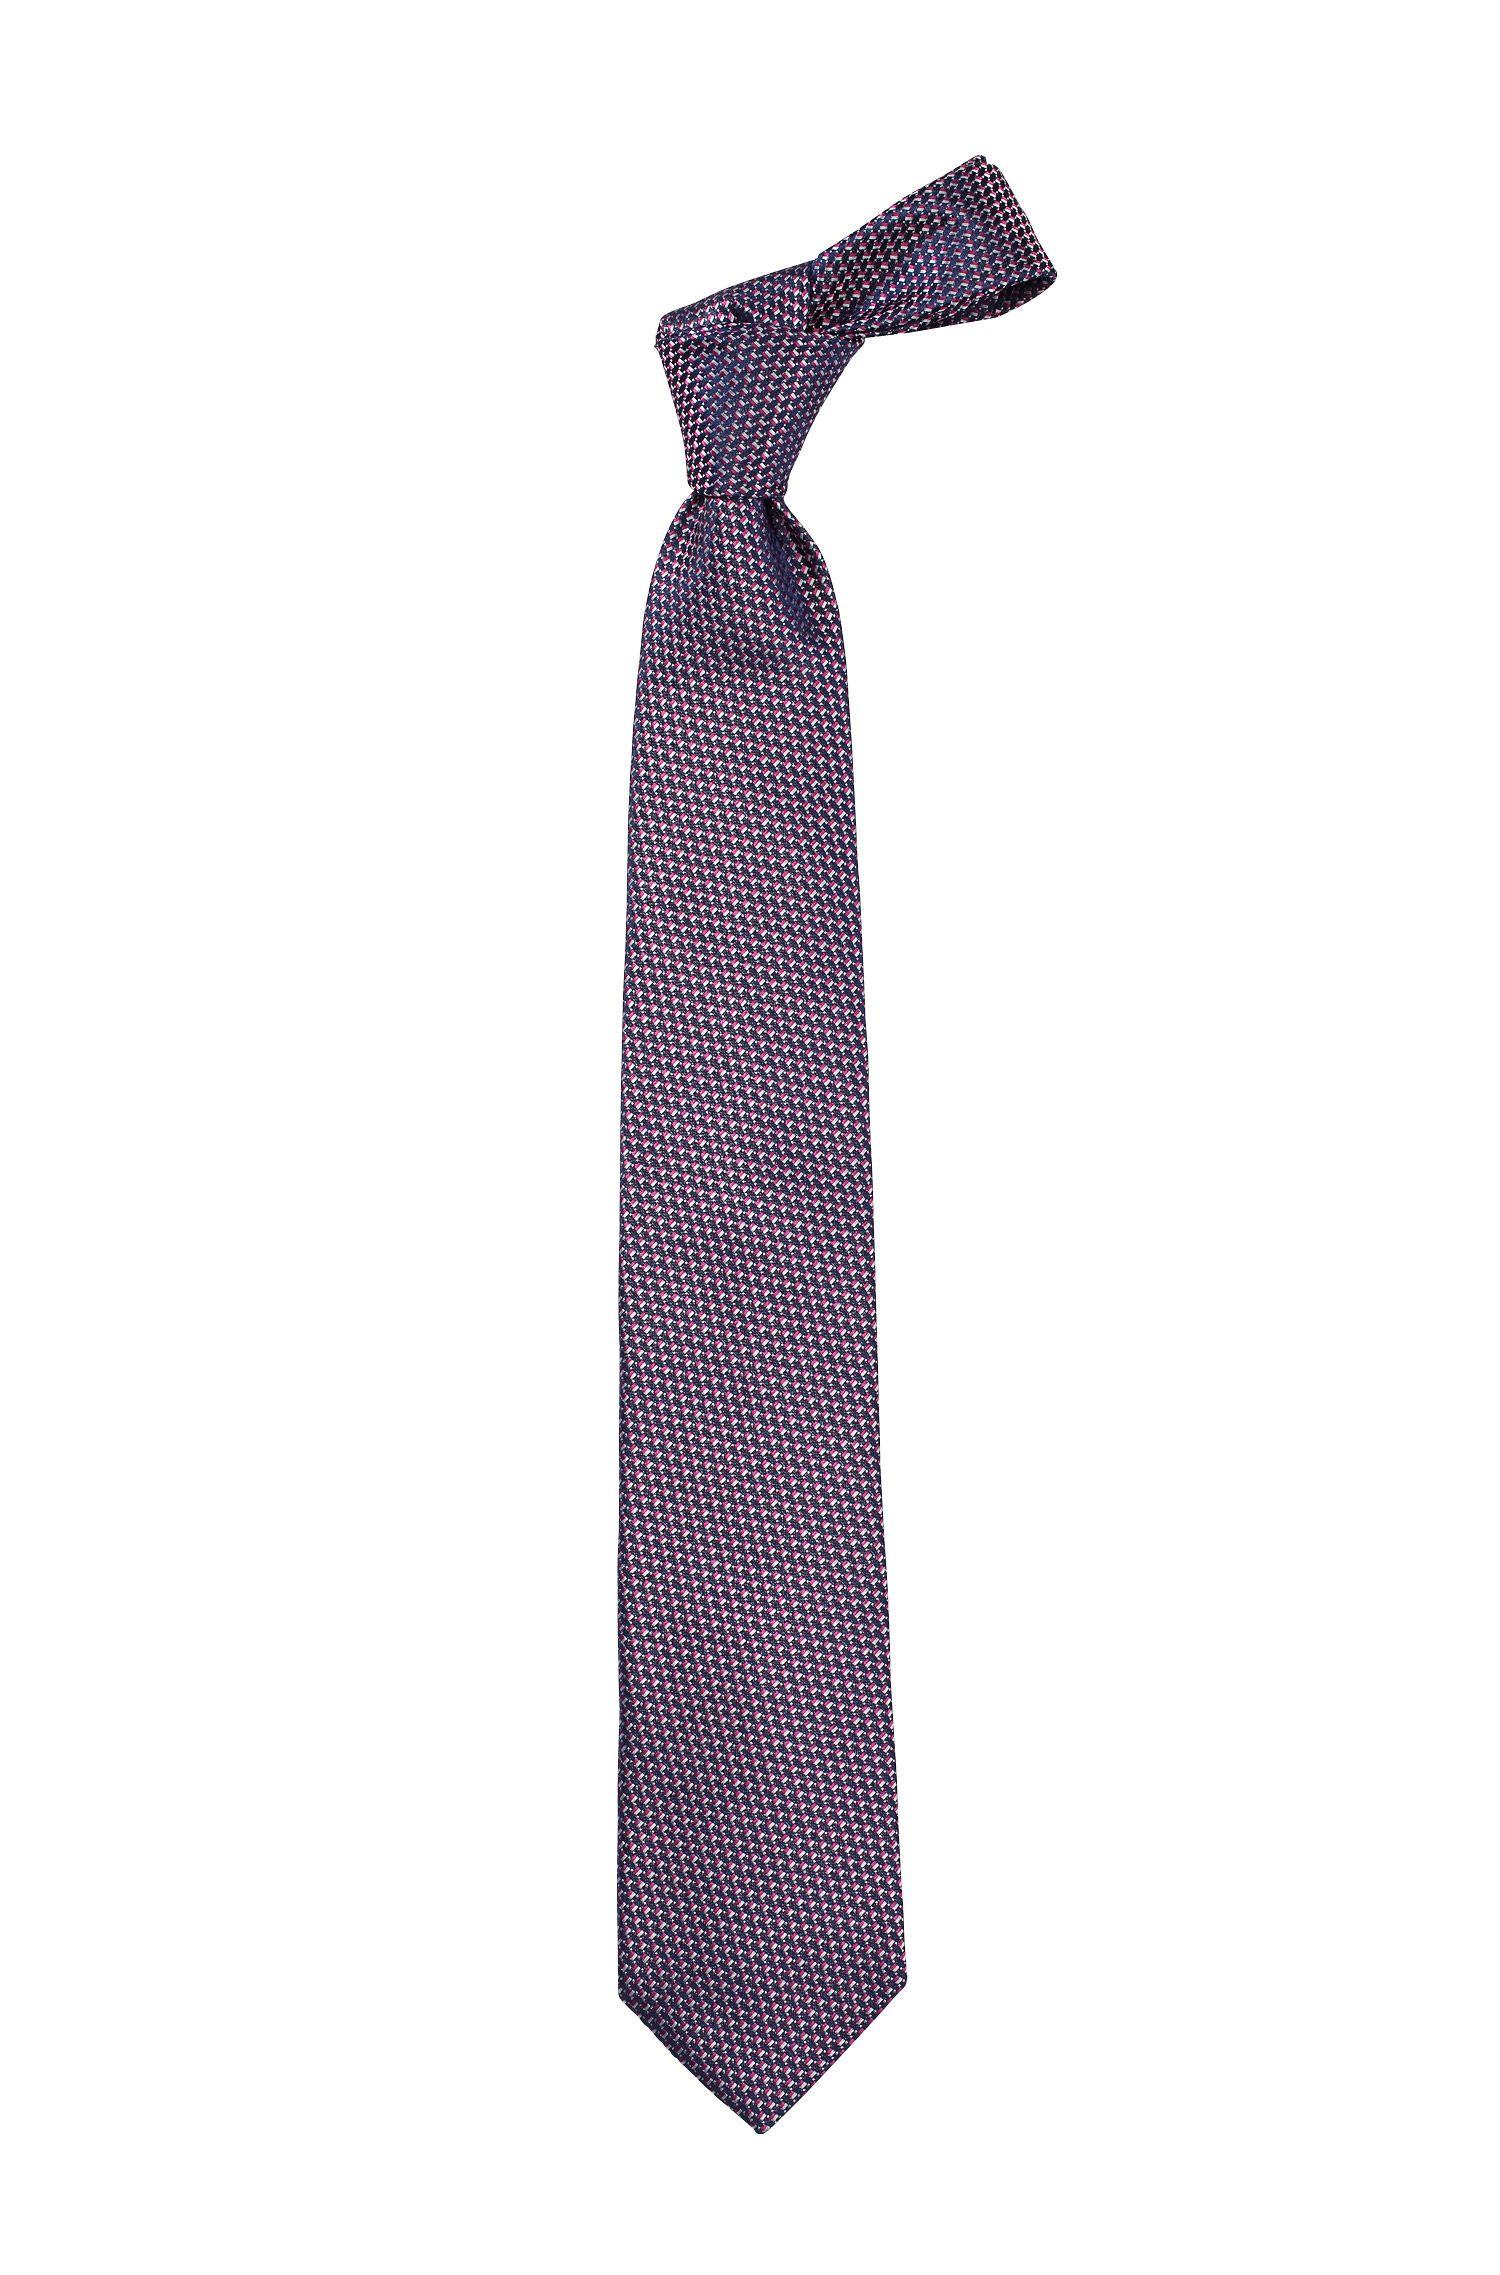 Cravate en soie à pois, Tie 7,5 cm